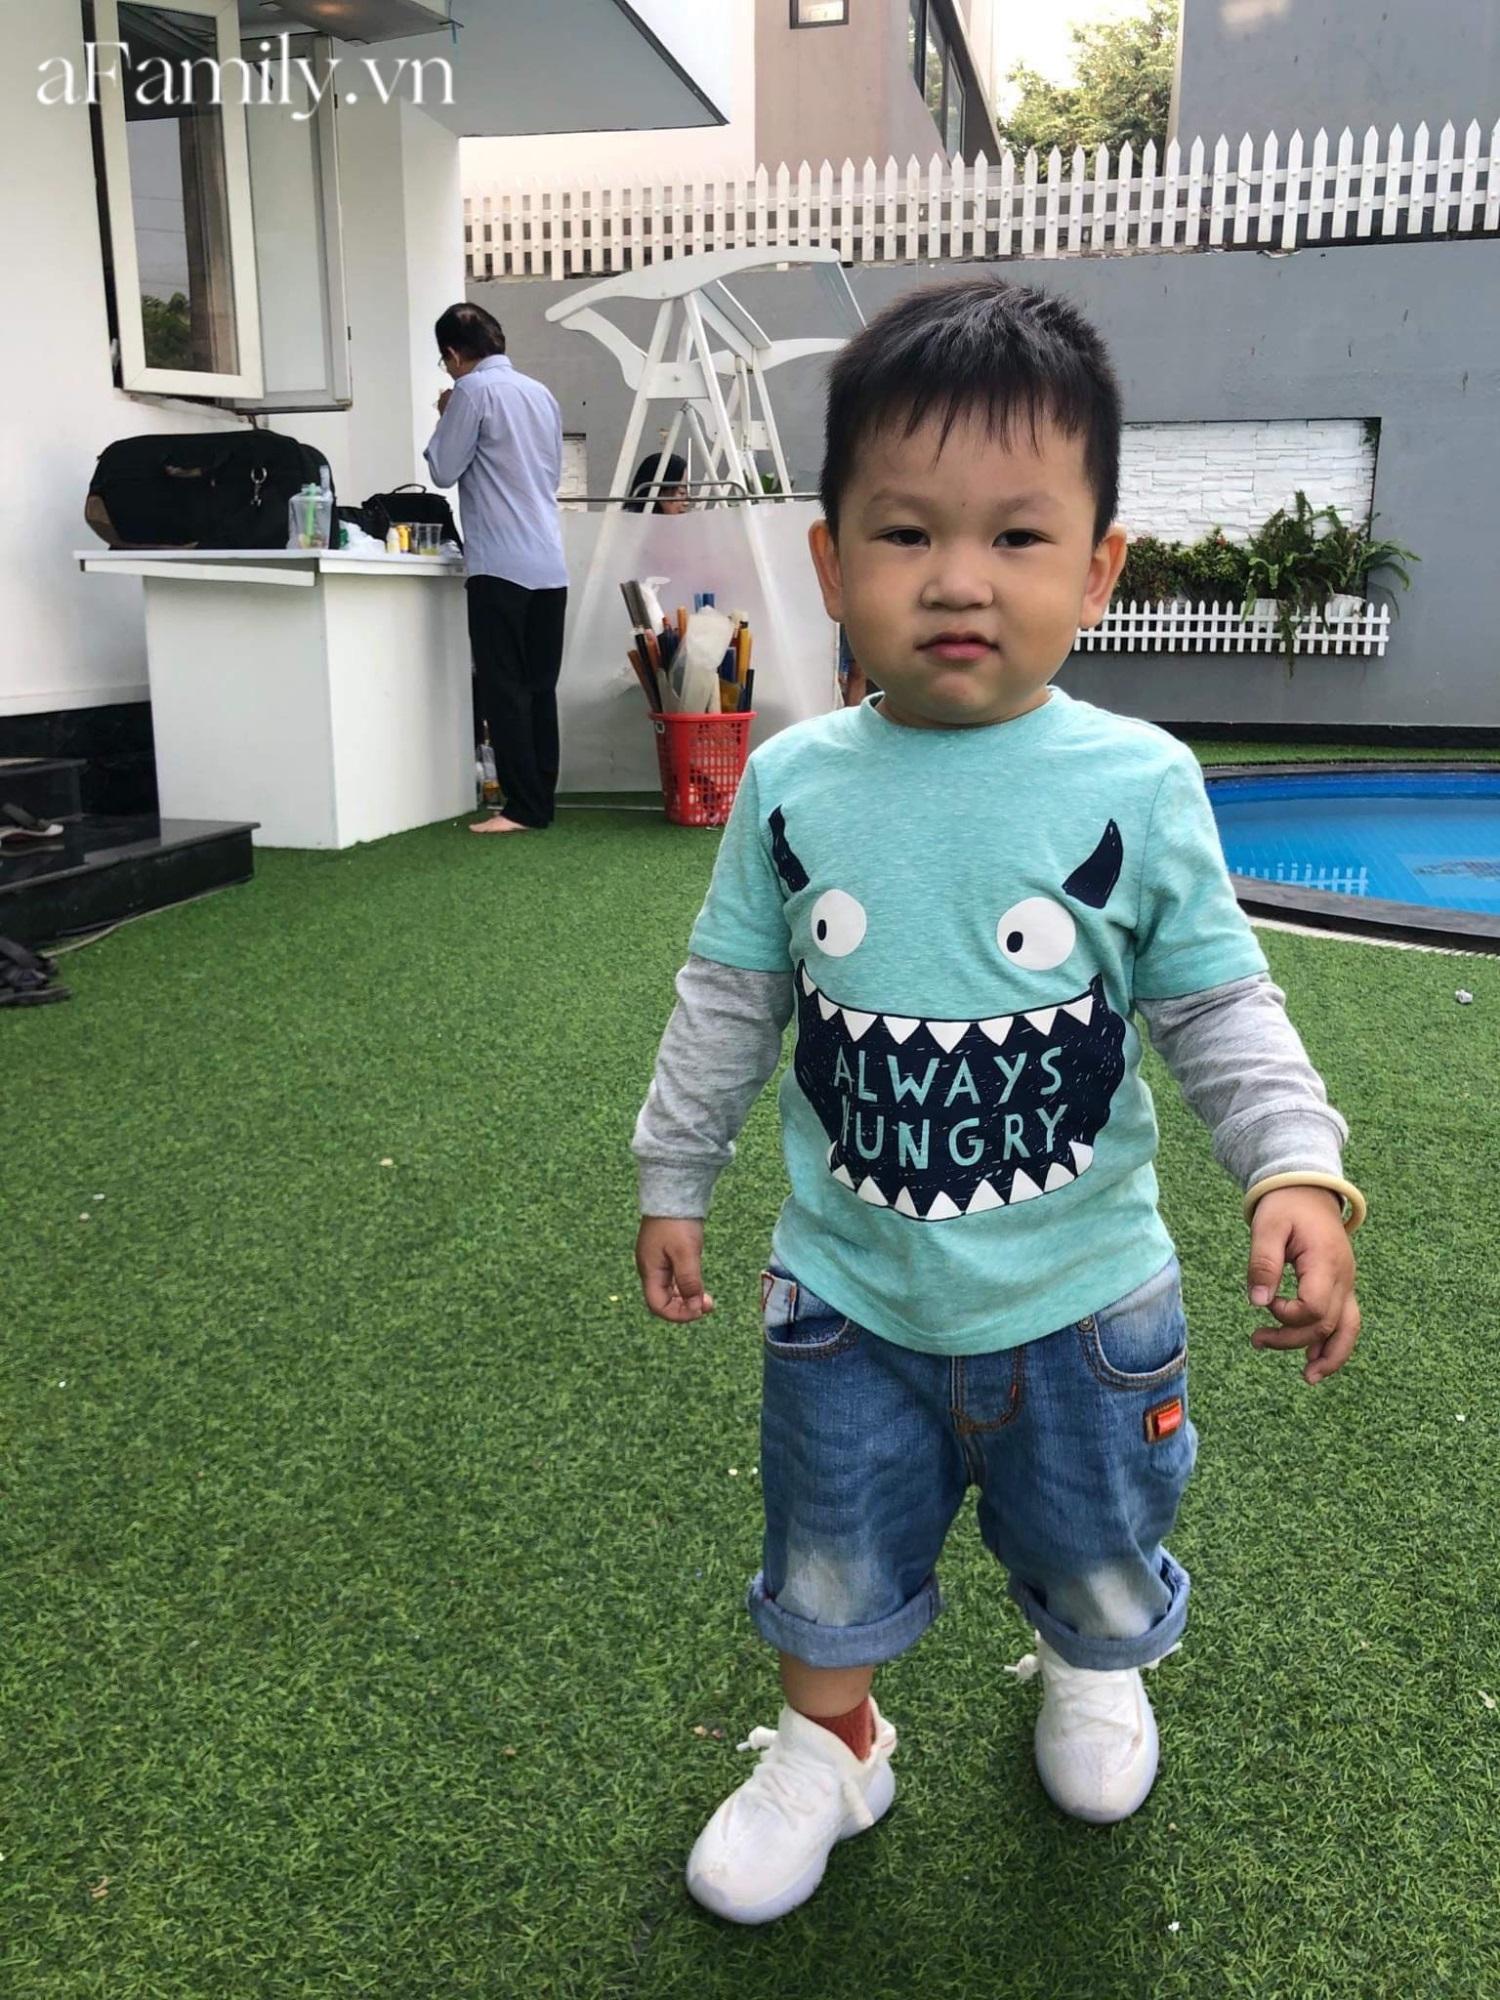 Mua cho cháu bộ quần áo mới, dì cứ ngỡ mặc vào sẽ đẹp trai như Hàn Quốc, ai ngờ bé 'lên đồ' thì cả nhà cười nguyên buổi tối - Ảnh 6